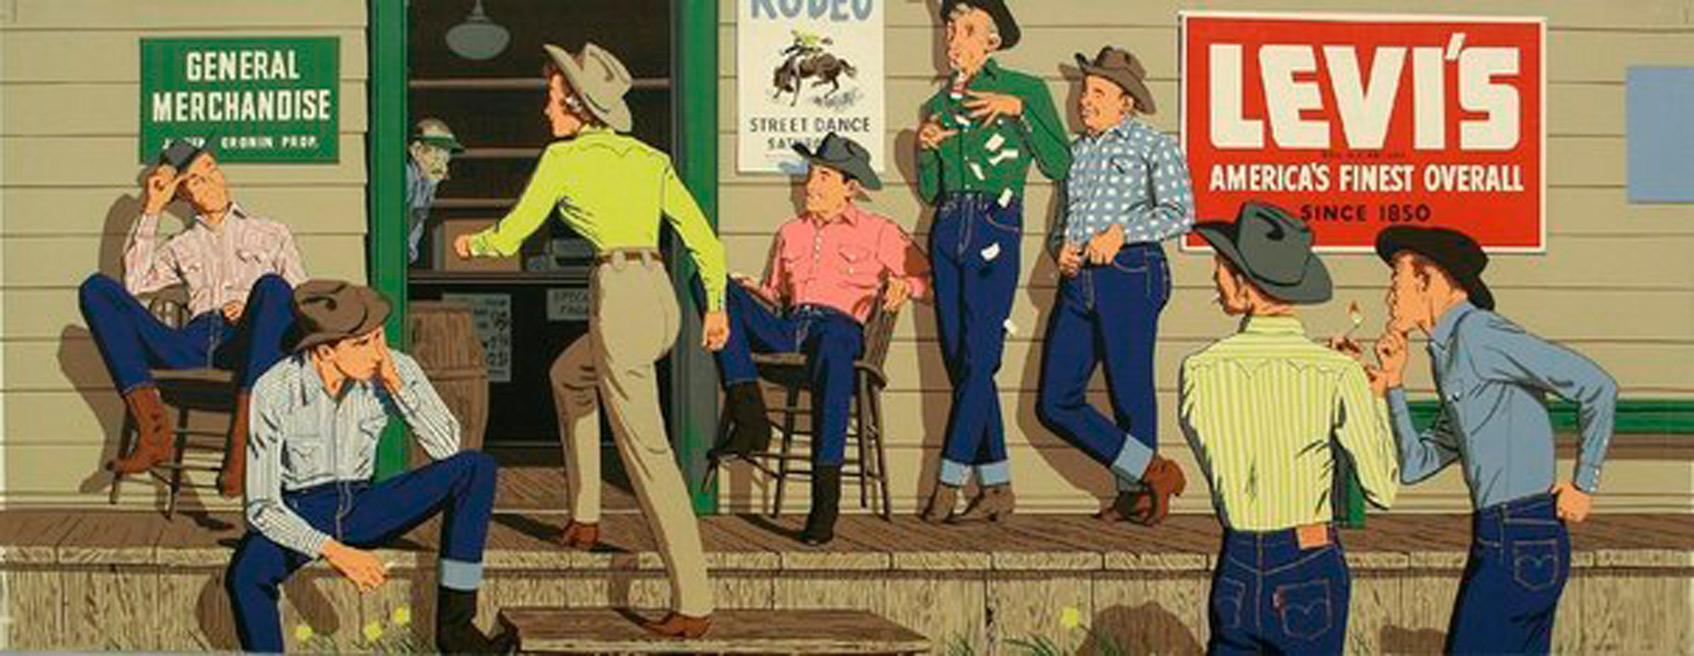 реклама levis 1950е годы